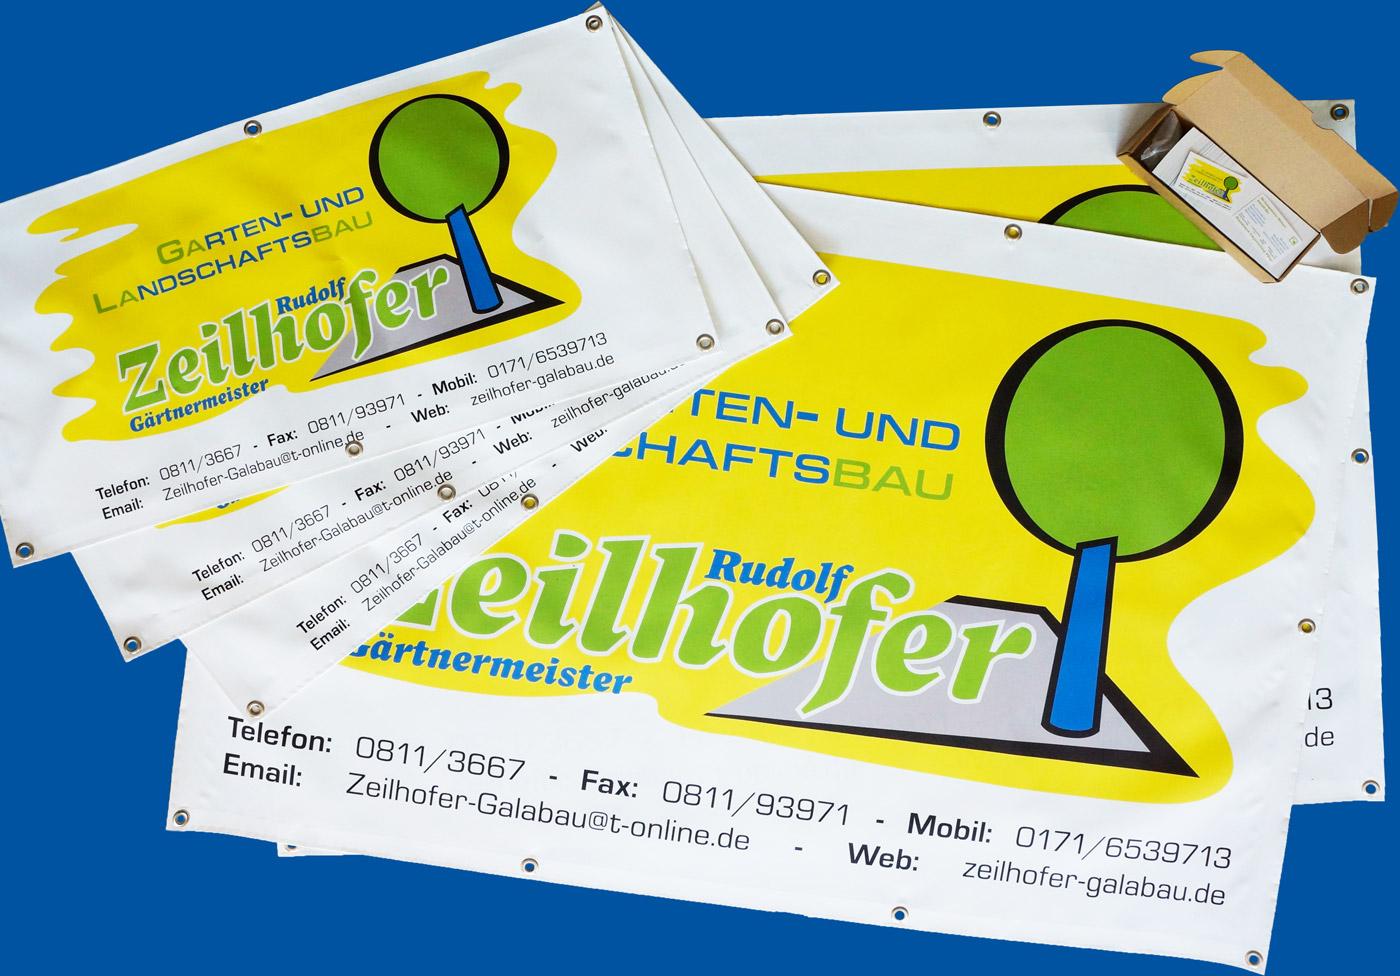 Garten und landschaftsbau visitenkarten  Garten und Landschaftsbau Zeilhofer - Visitenkarten, Werbeplanen ...